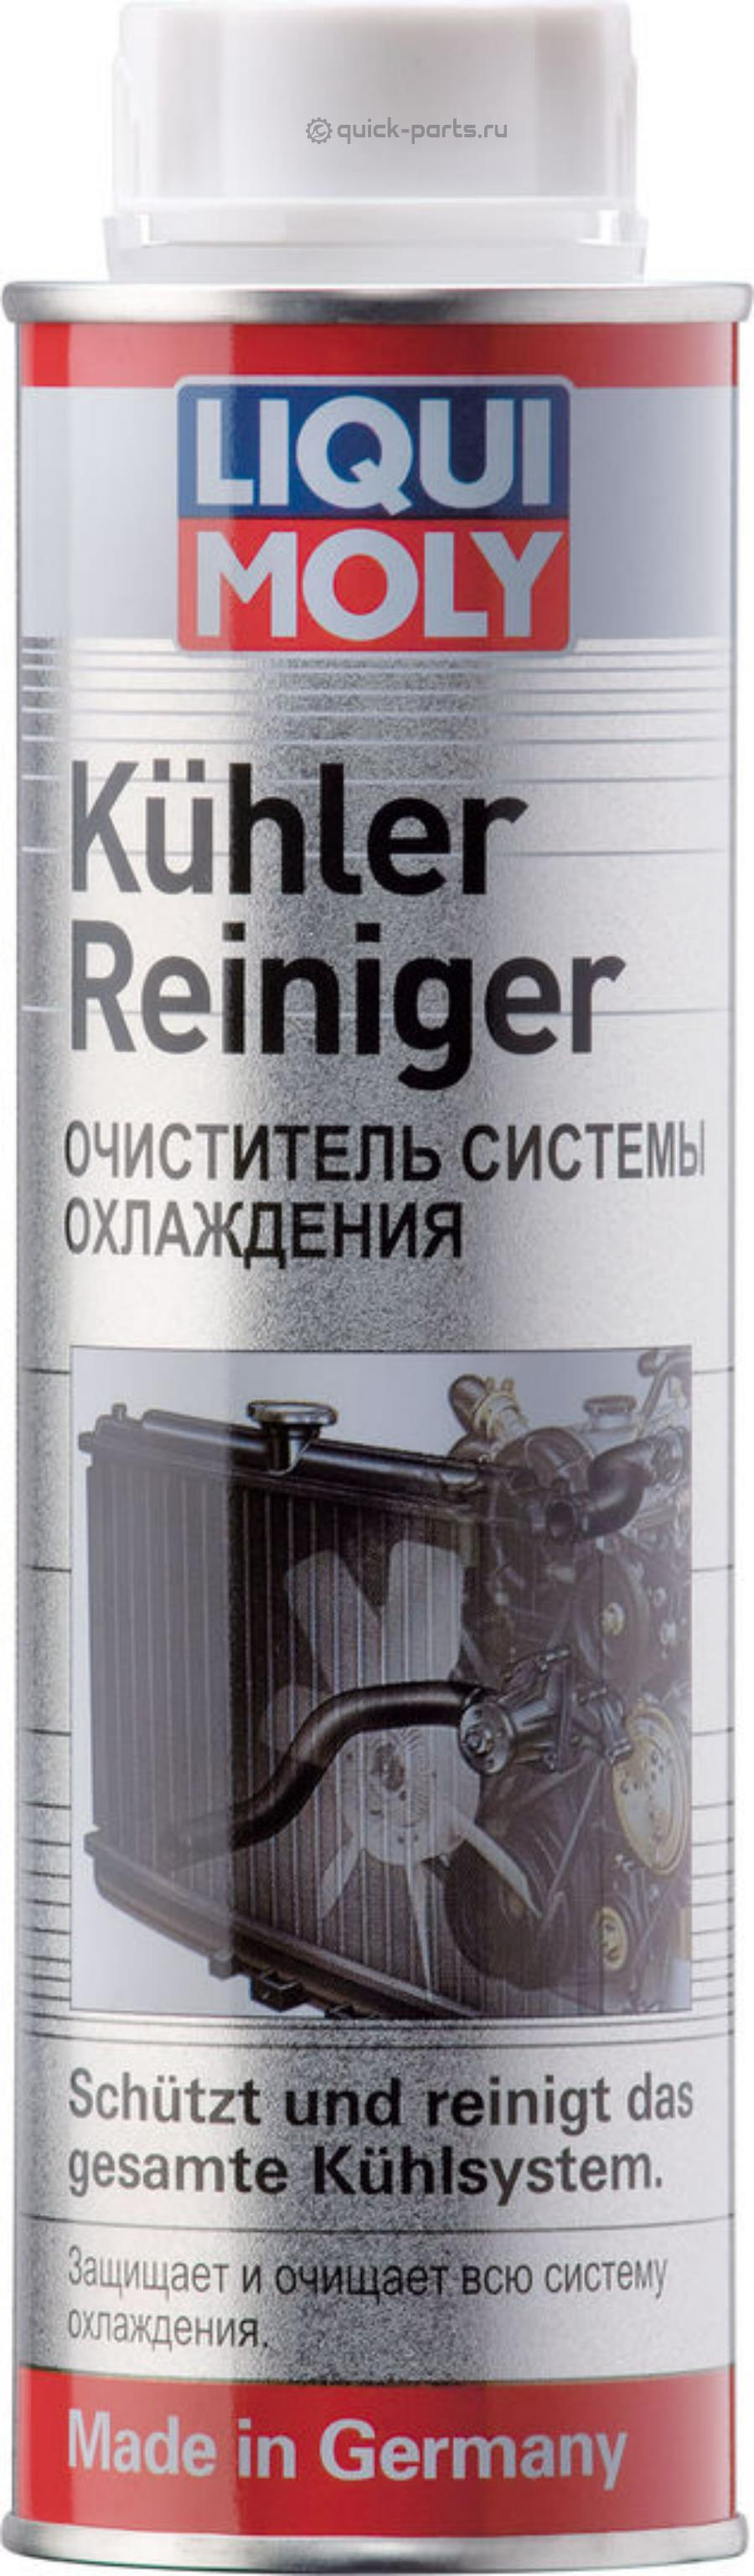 Очиститель системы охлаждения Kuhlerreiniger